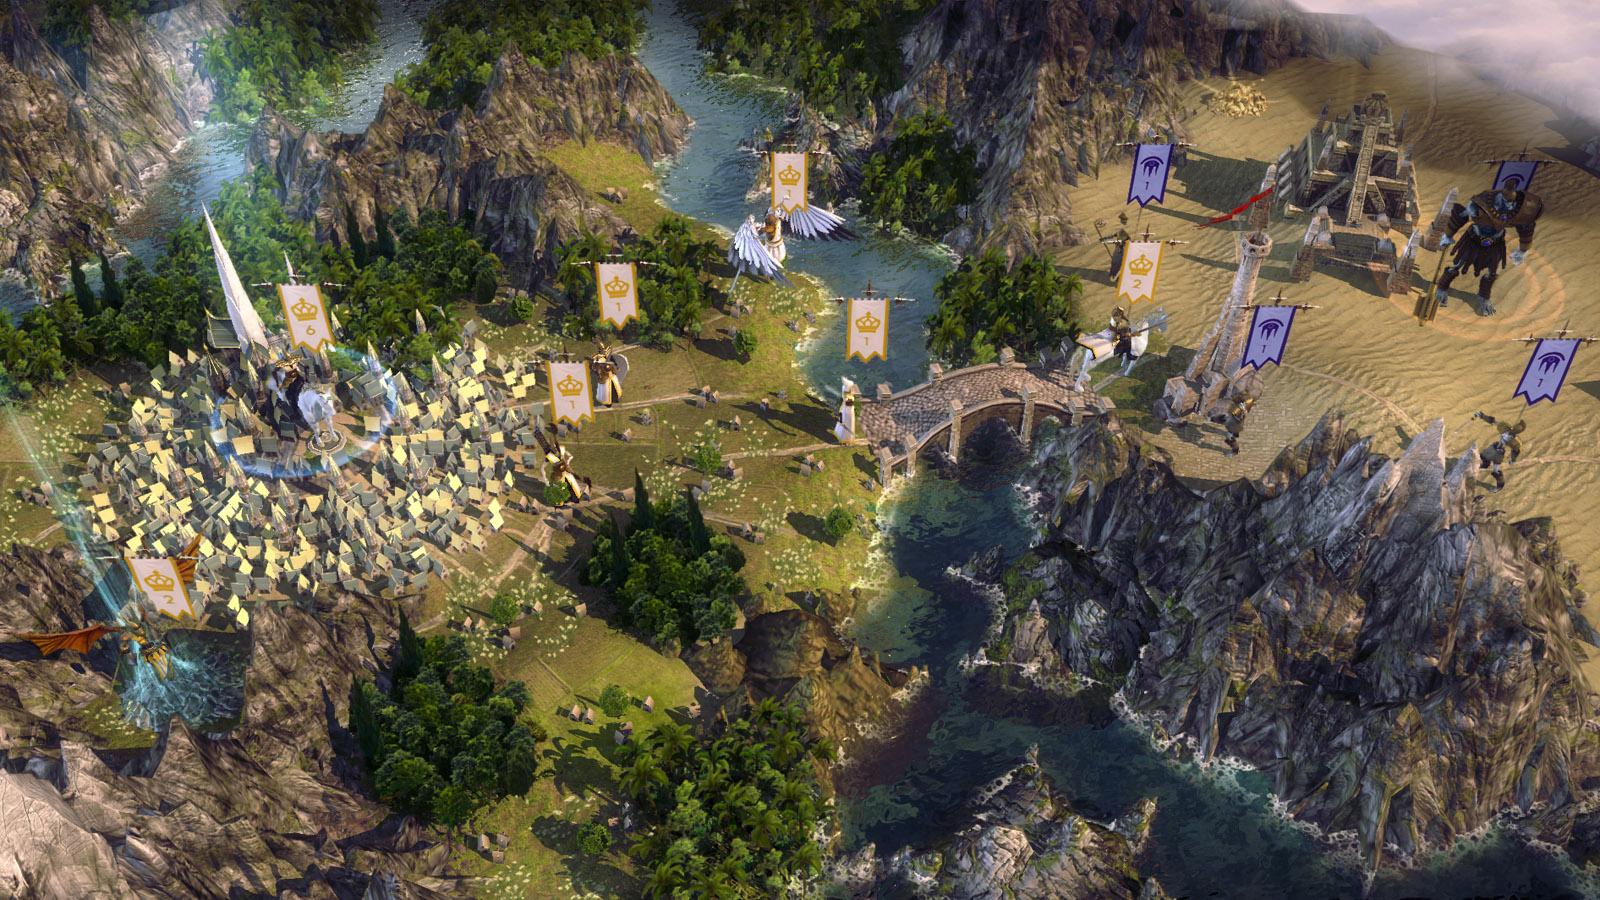 Steam喜加一 策略战棋游戏《奇迹时代3》免费领取